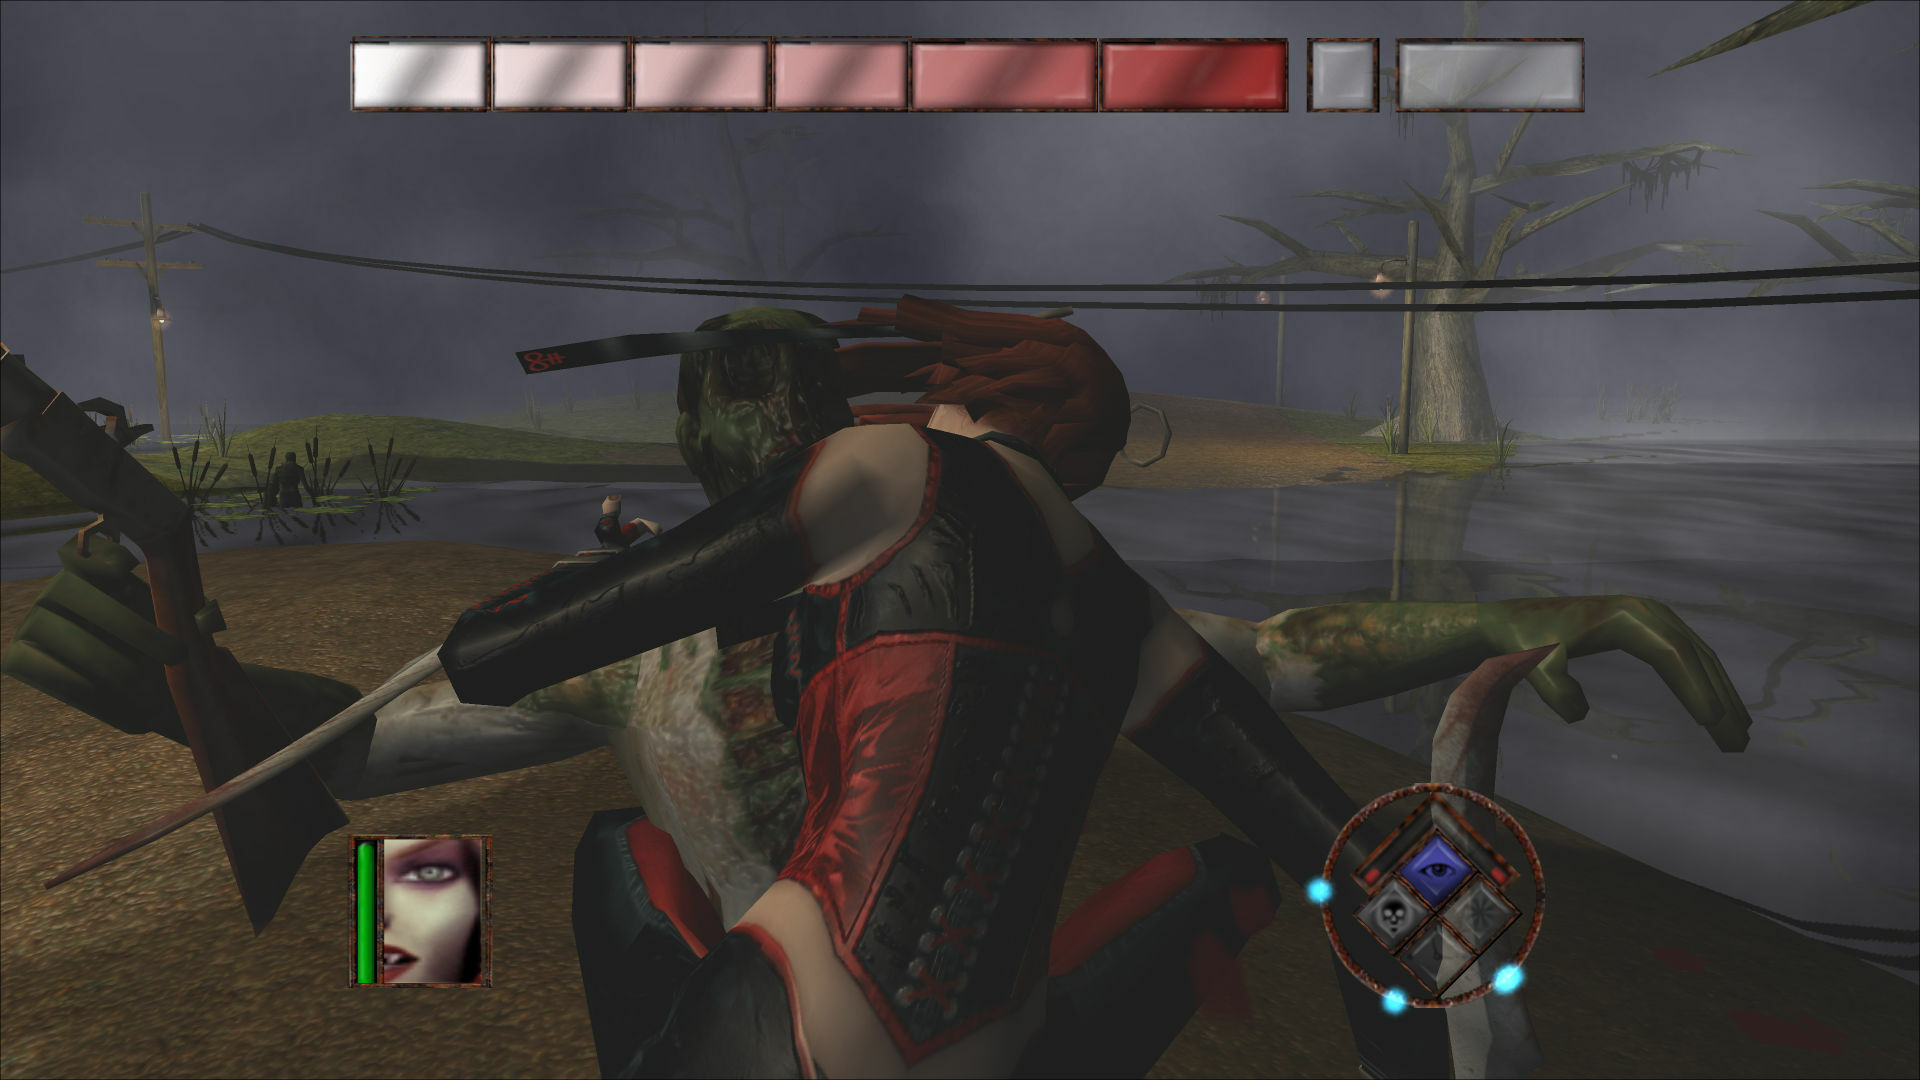 BloodRayne: Terminal Cut [GOG] (2003-2020)